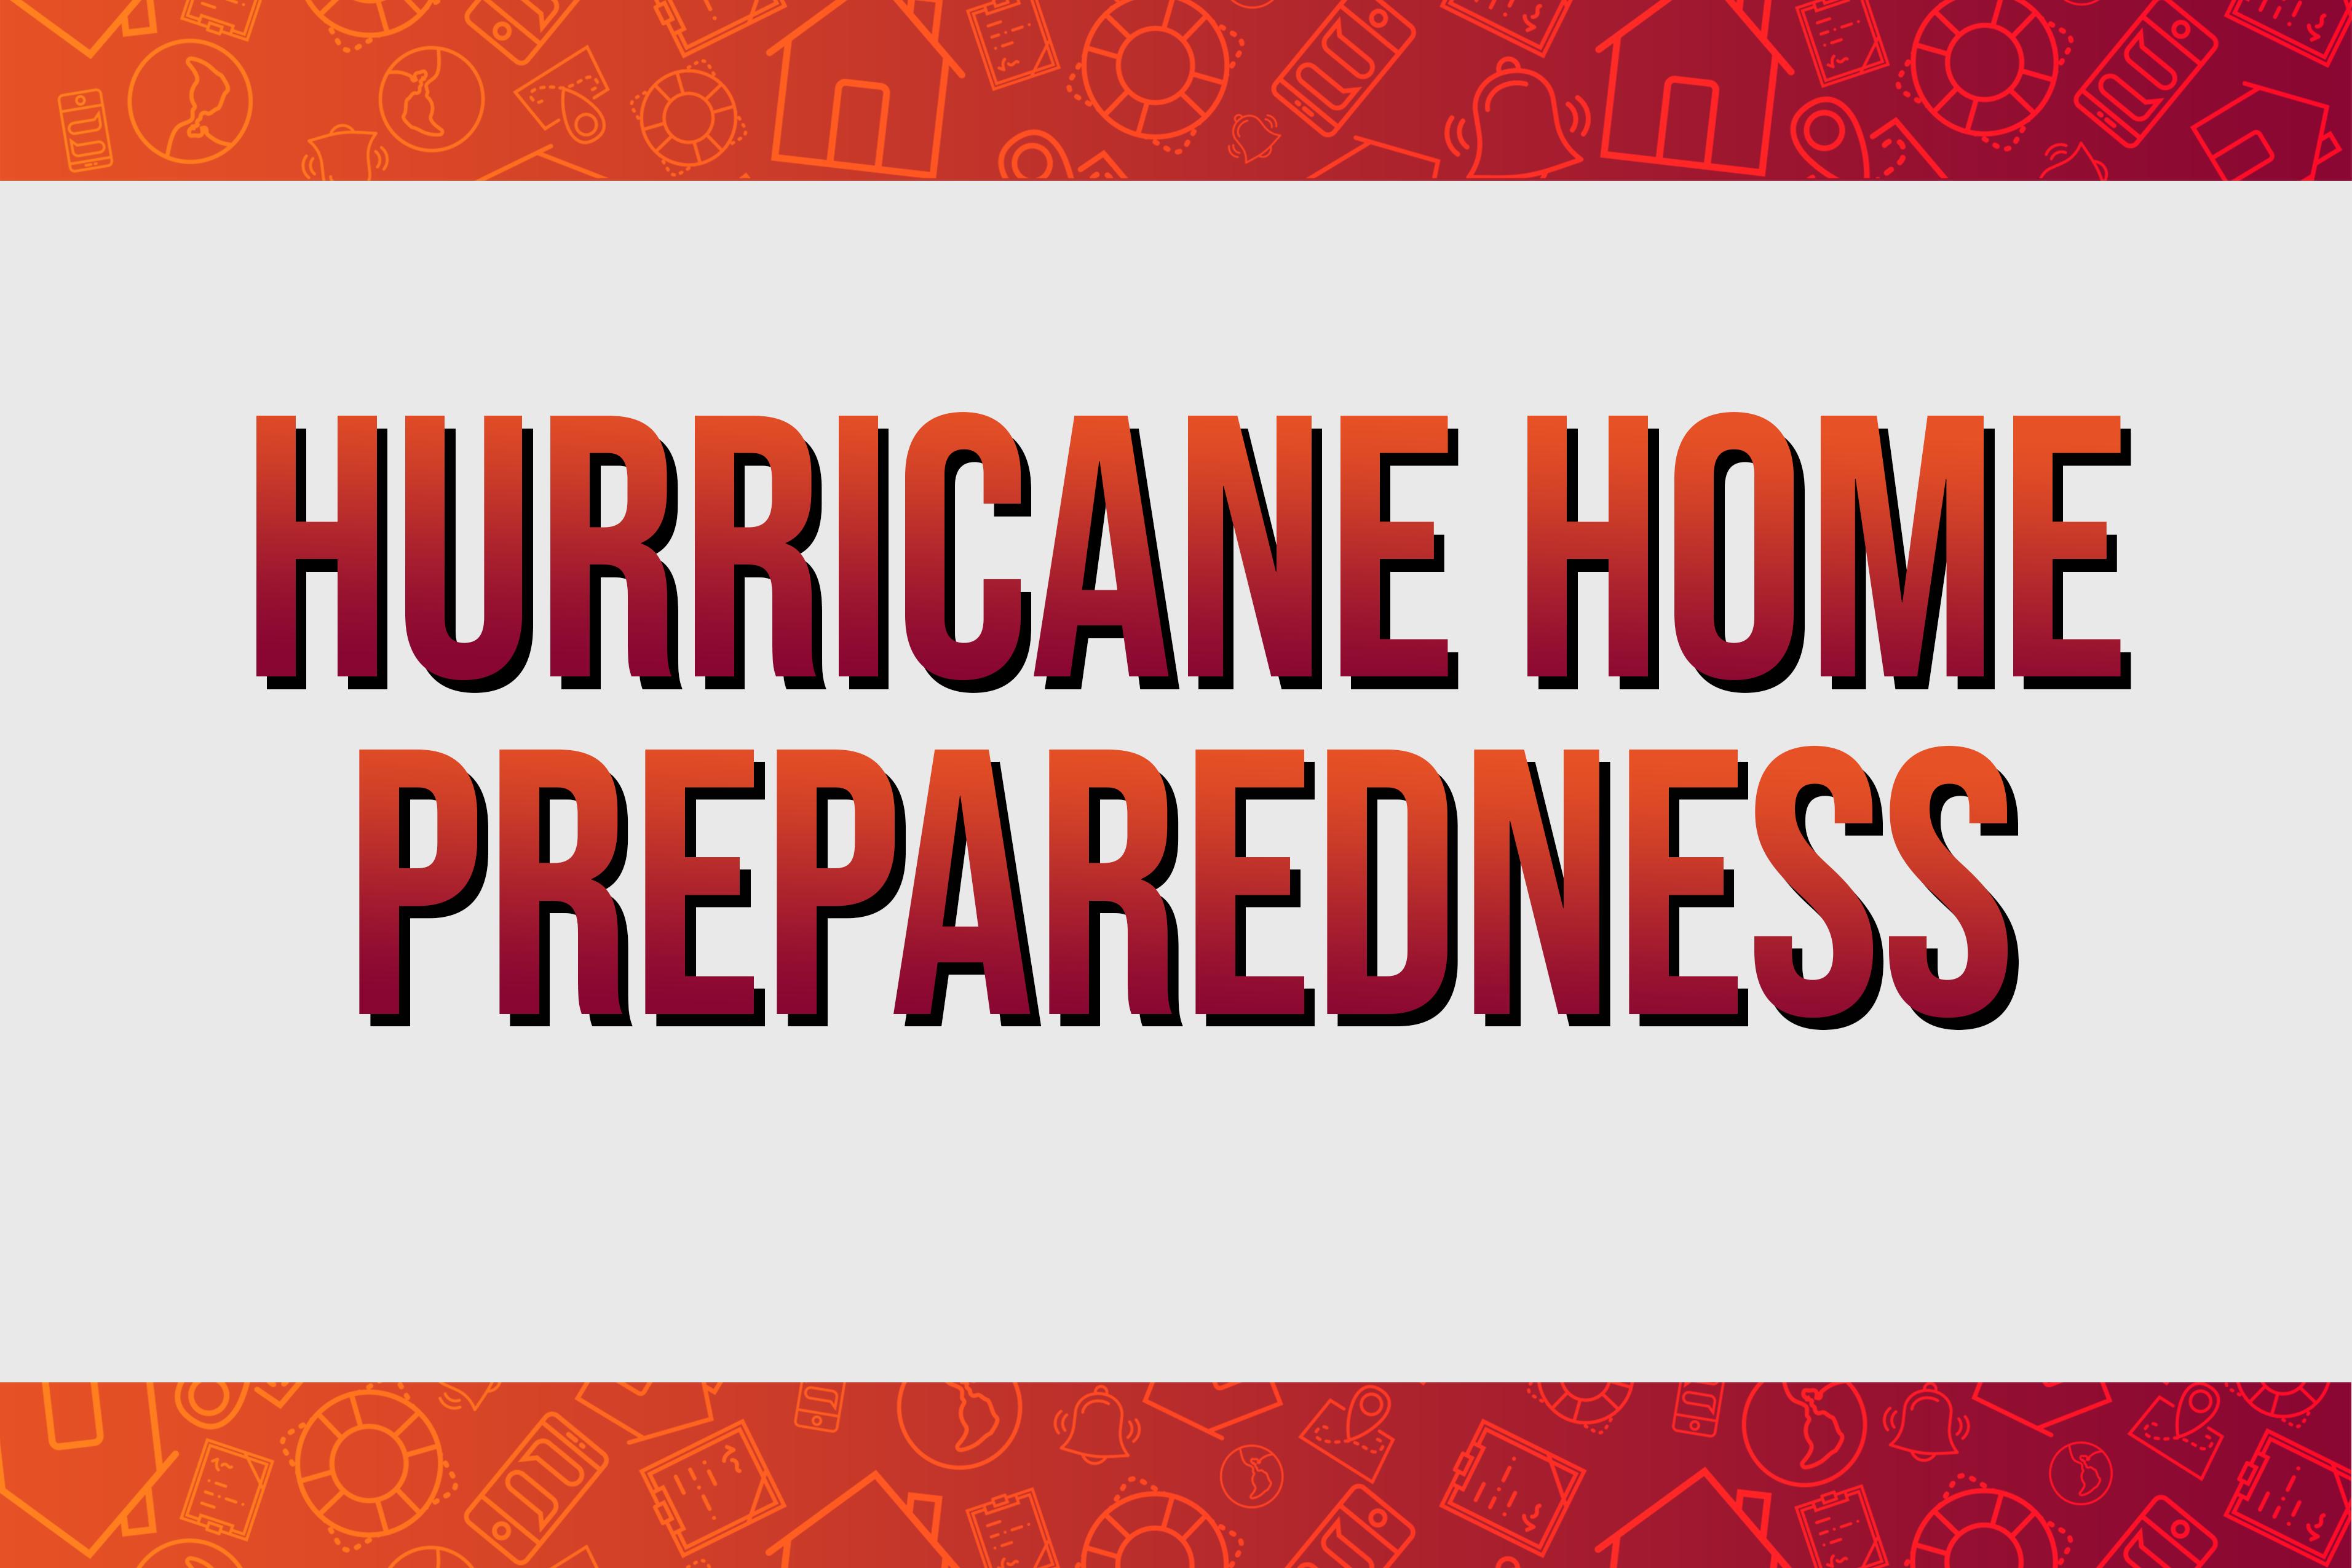 Hurricane Home Preparedness